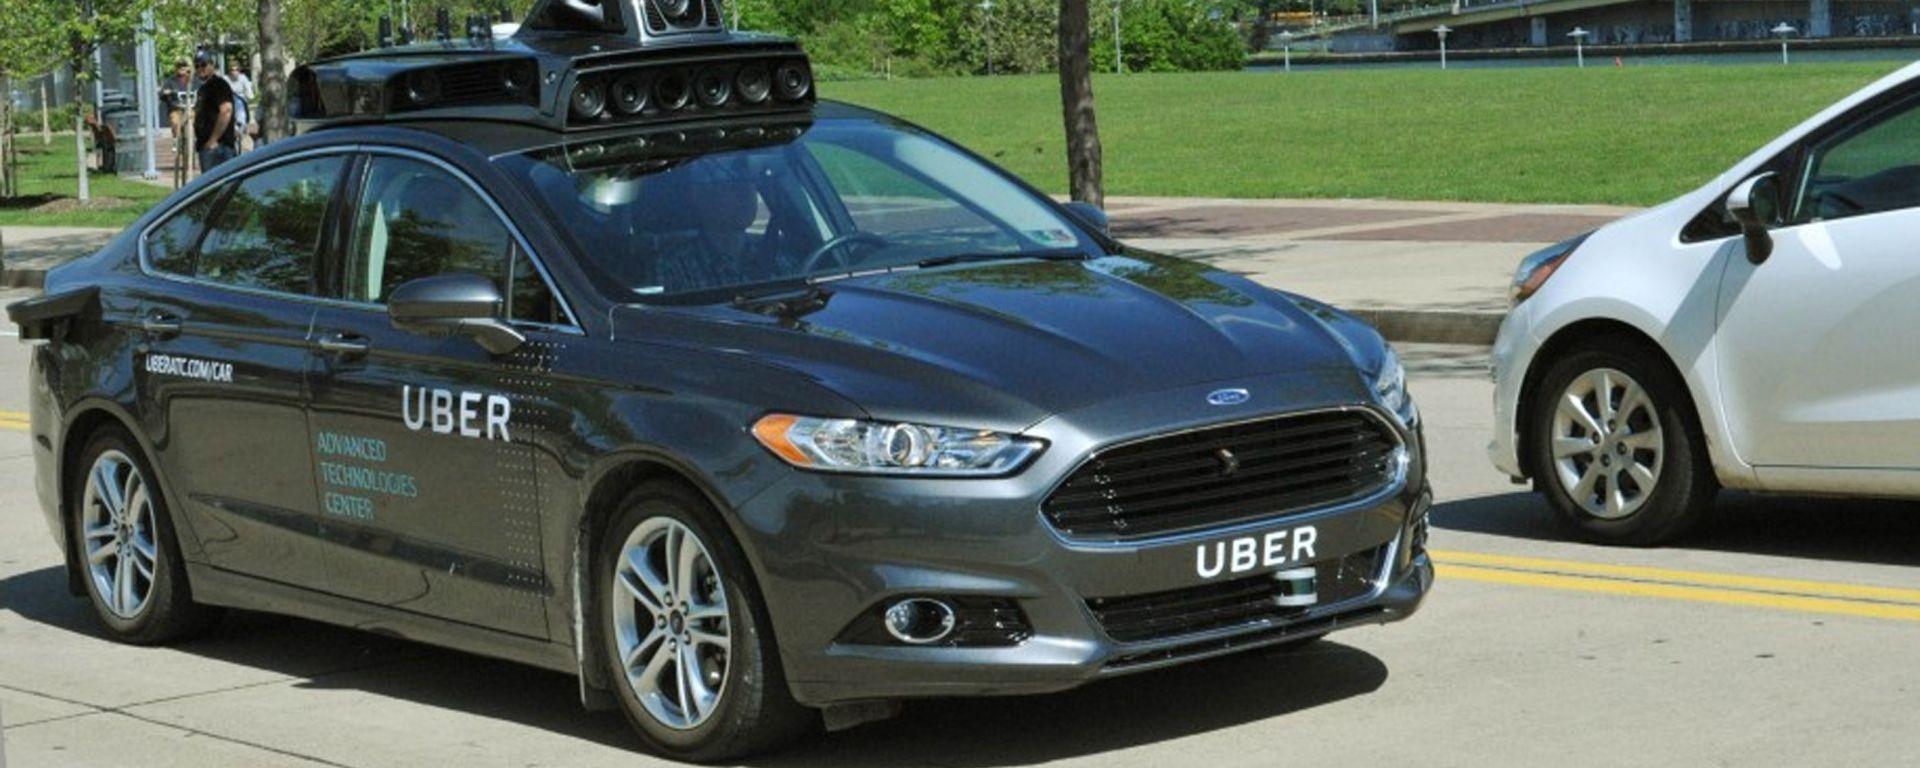 Guida autonoma: Uber inizia i test con una Ford Fusion Hybrid